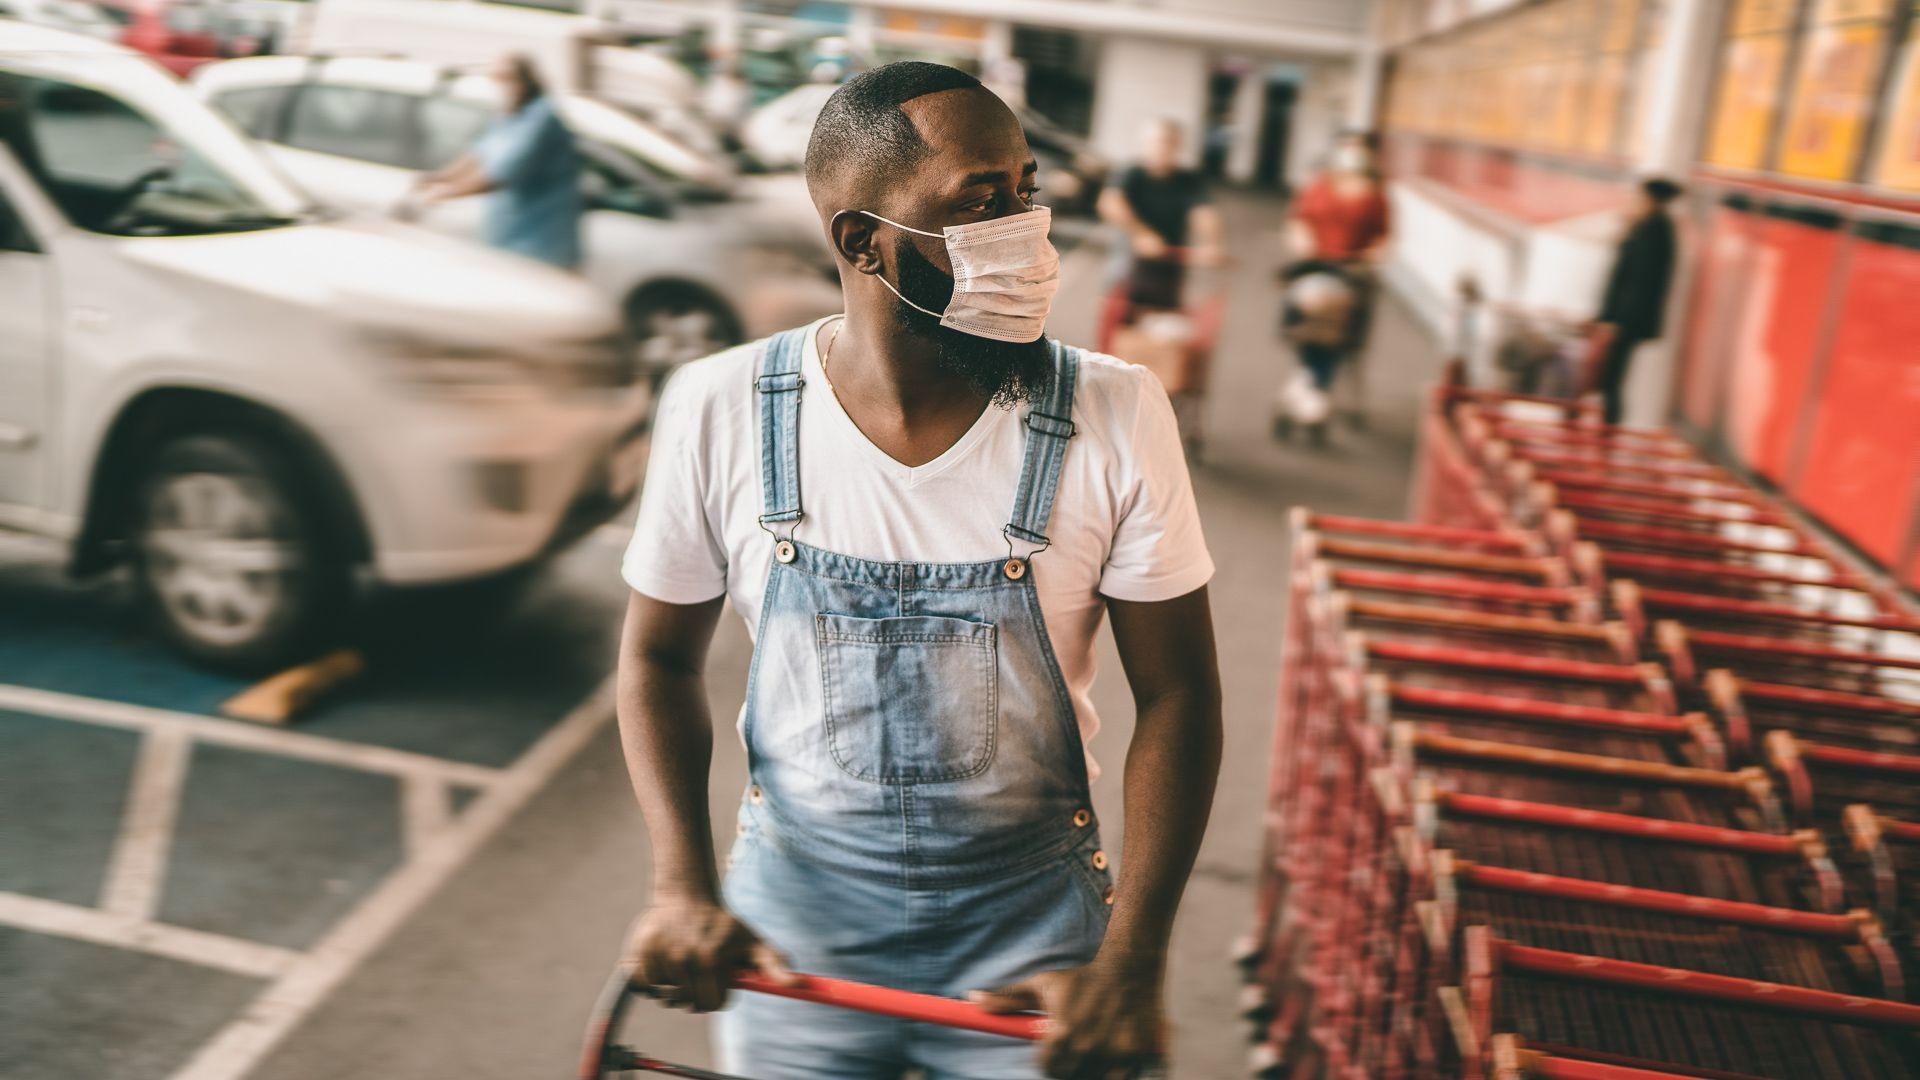 Men wearing face mask picking shopping cart in supermarket.